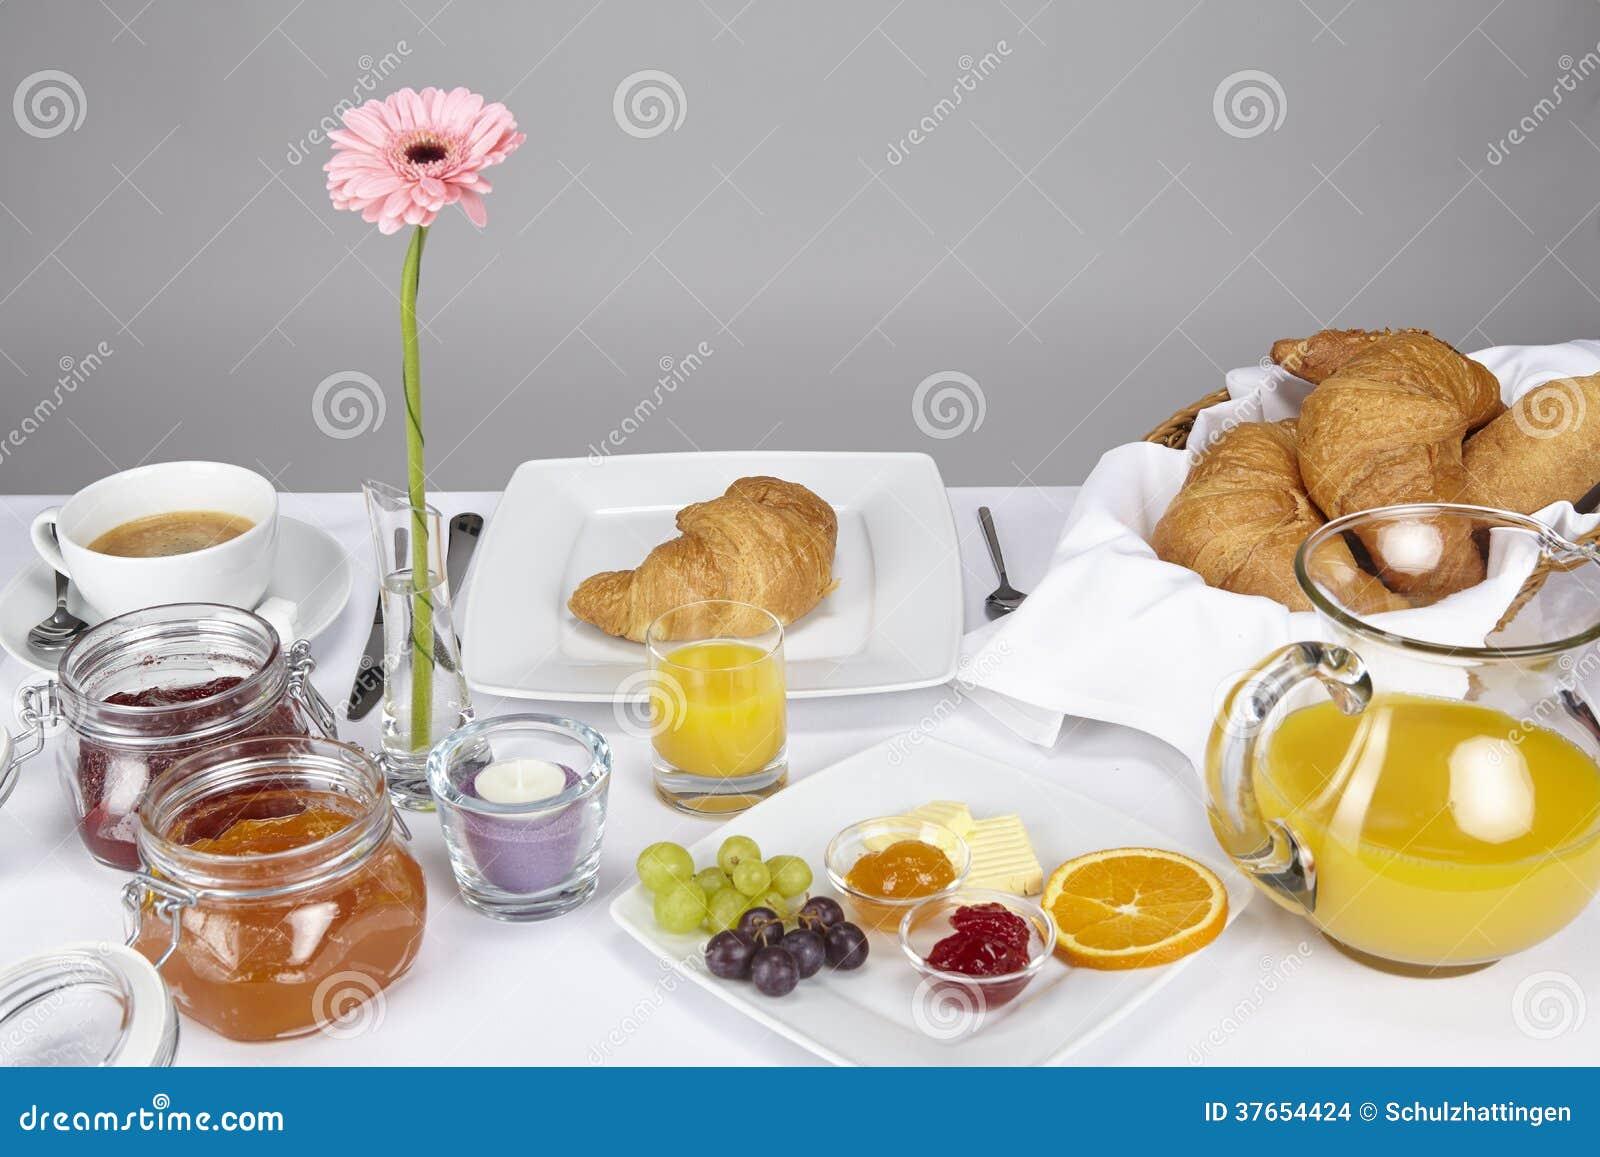 Mesa de desayuno foto de archivo imagen de albaricoque 37654424 - Mesas de desayuno ...